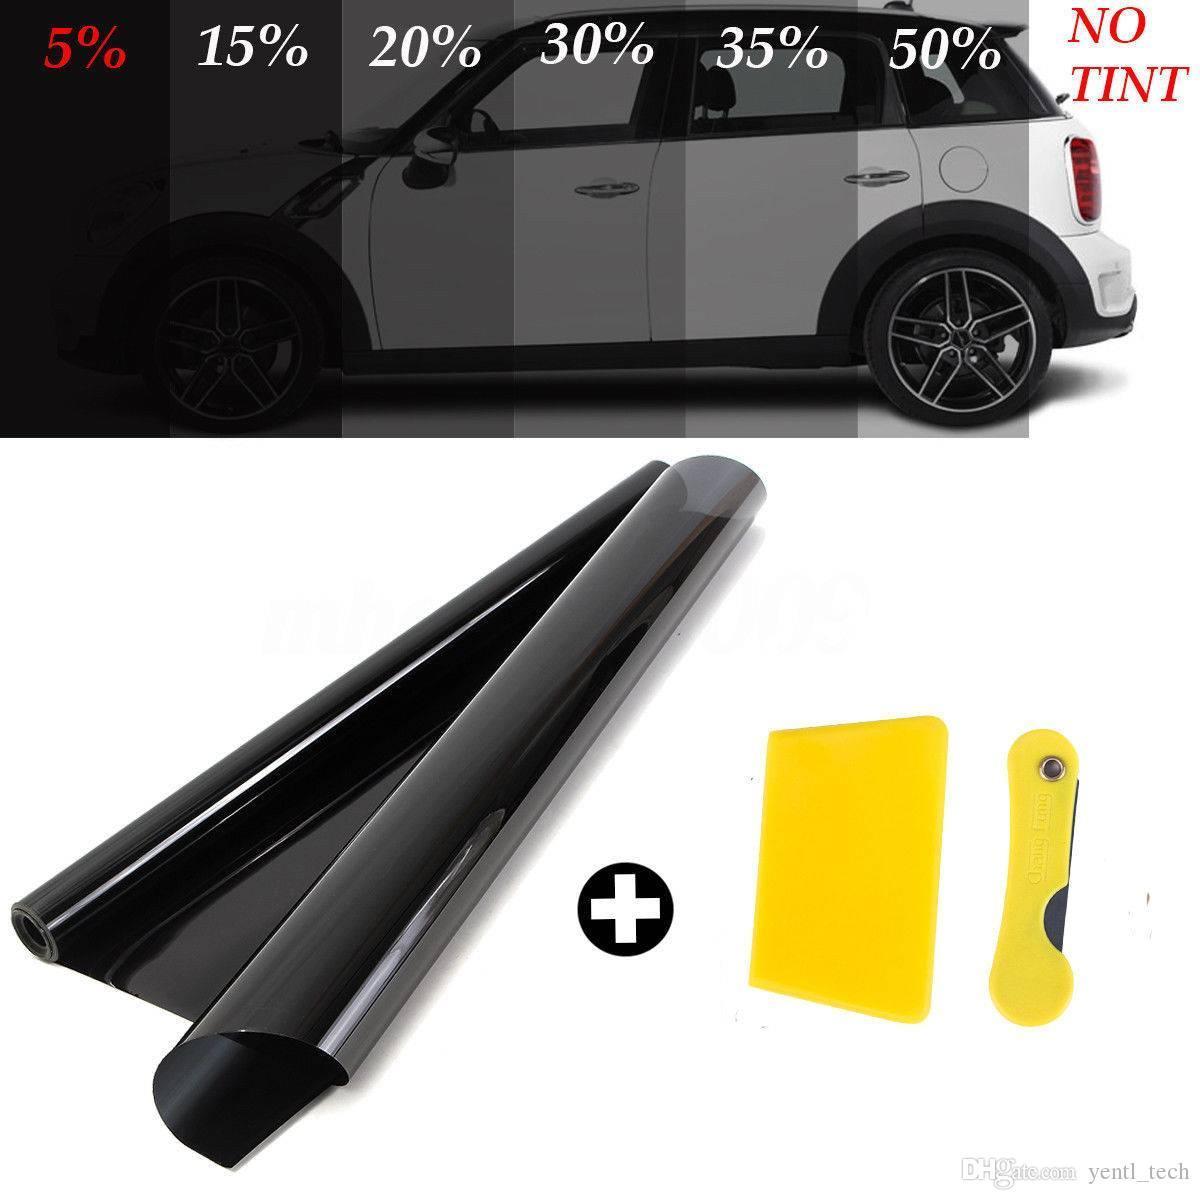 YENTL 50 CM X 3 M Araba Çıkartmaları Renklendirme Film Rulo Yan Pencere Evi için Kazıyıcı ile Ticari Güneş Vlt Oto Ev Cam Tonu